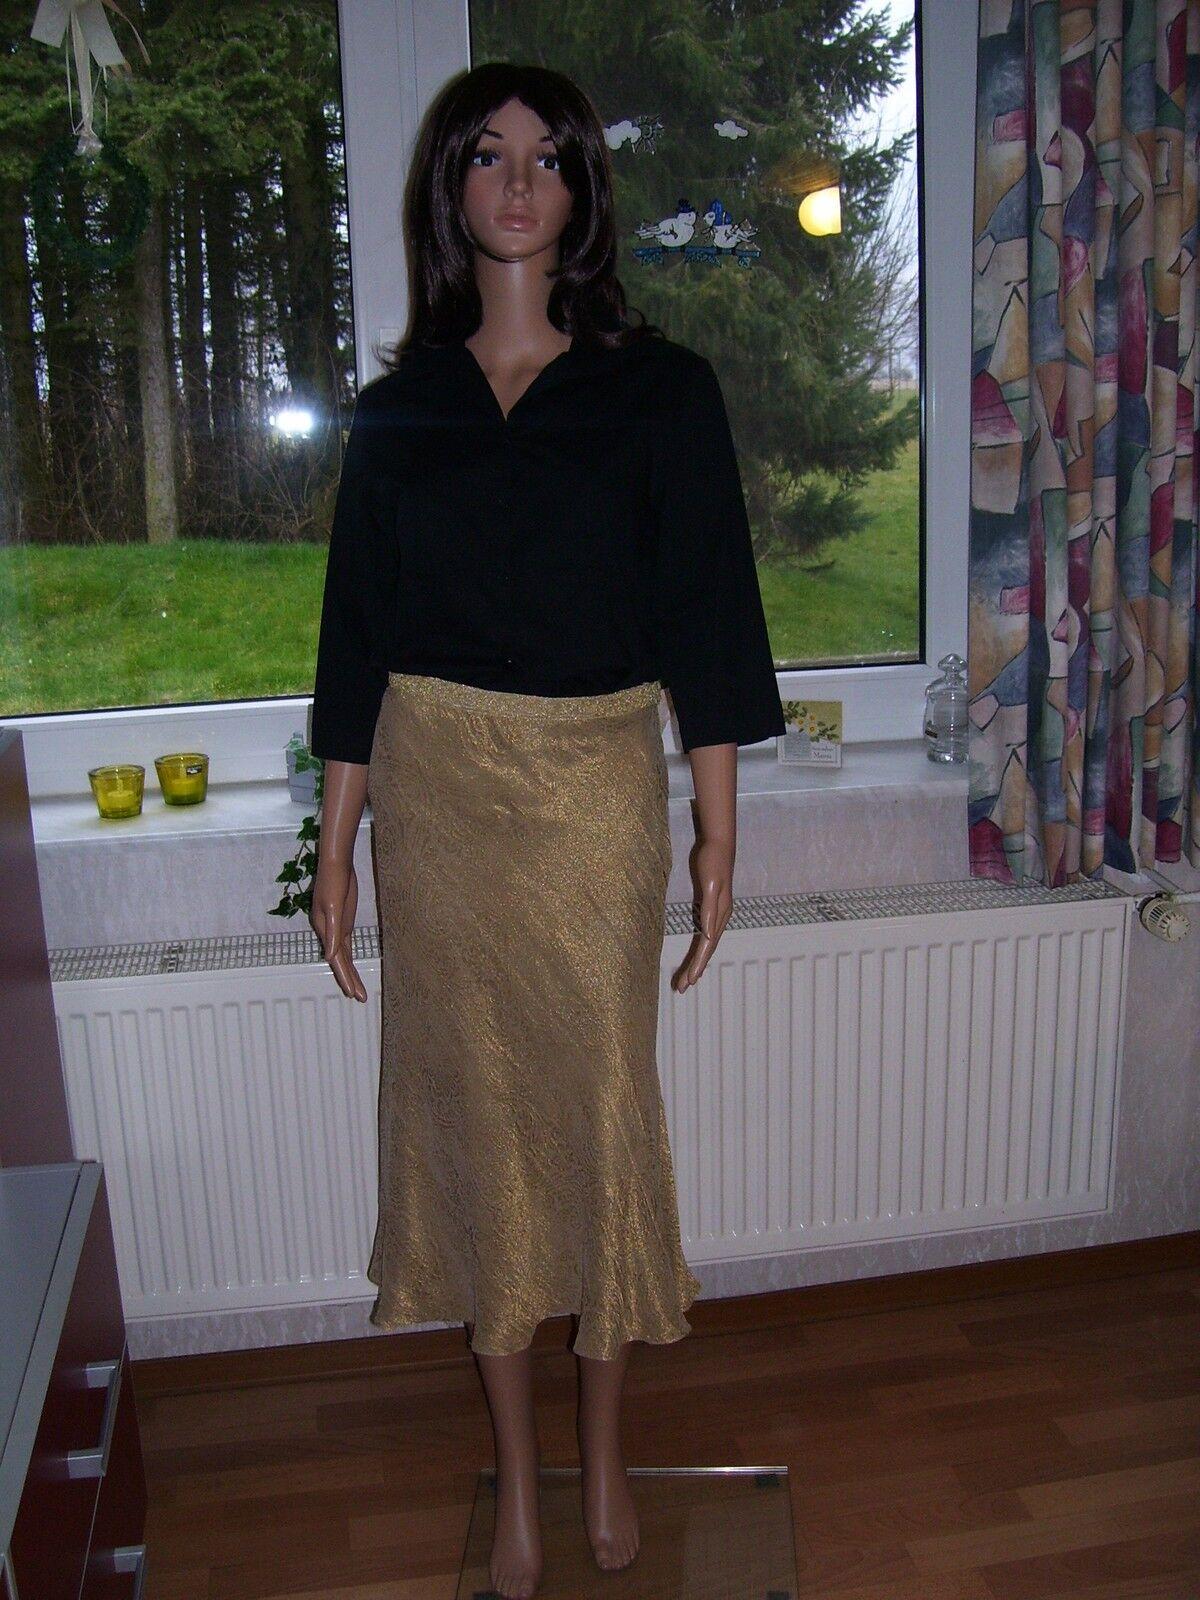 Ralph Lauren Henrietta Skirt Rock edel glänzender Seidenrock Gold Grösse 4 S neu